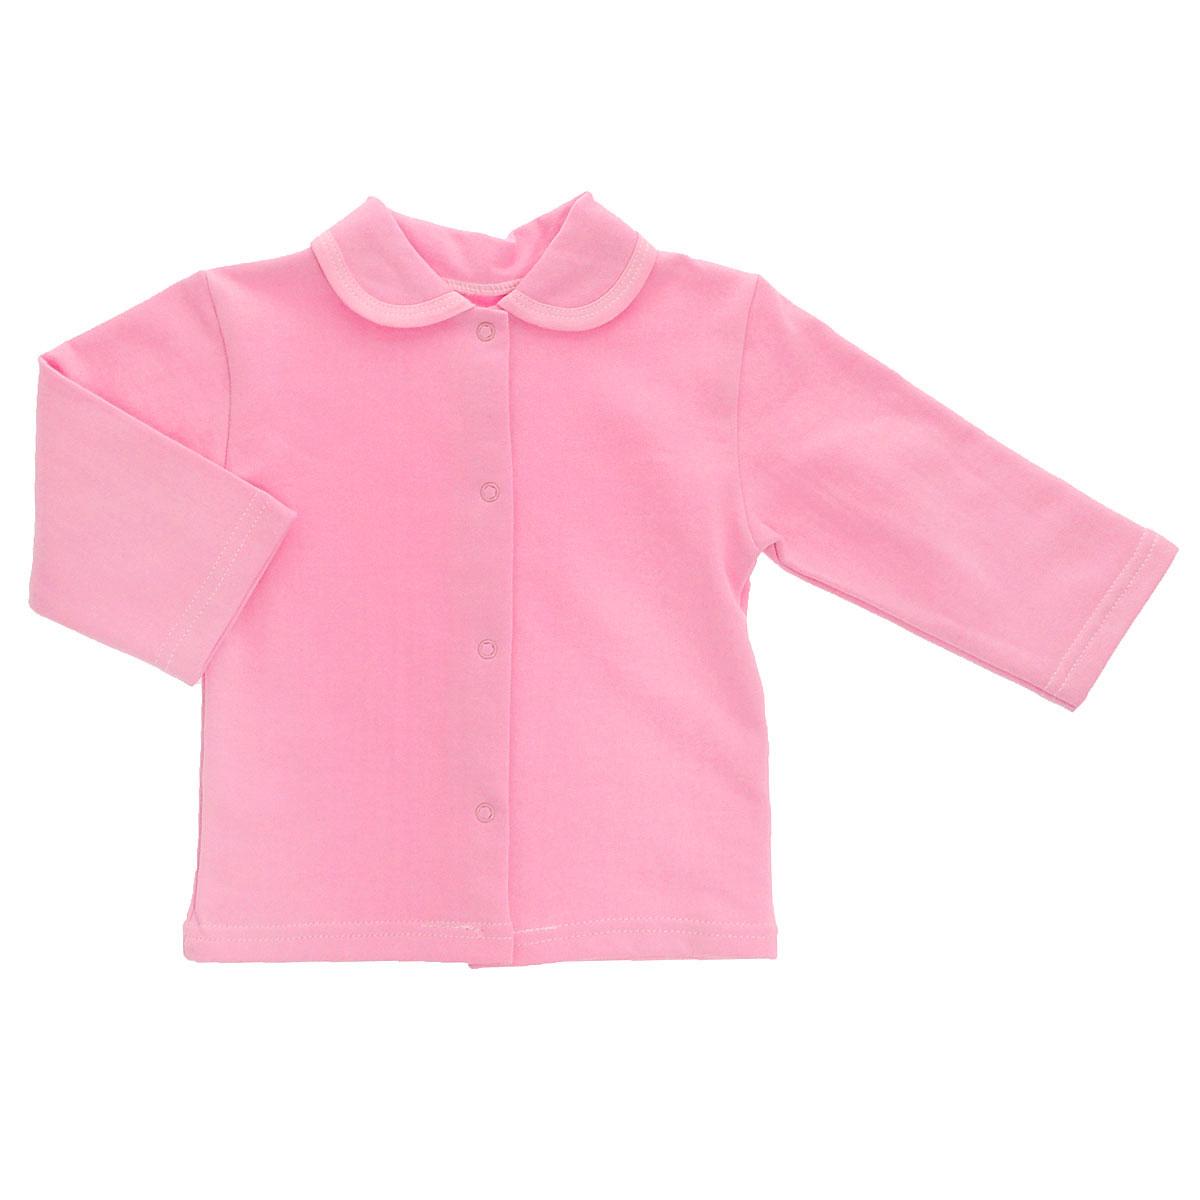 Кофточка детская Трон-плюс, цвет: розовый. 5175. Размер 86, 18 месяцев5175Кофточка для новорожденного Трон-плюс с длинными рукавами послужит идеальным дополнением к гардеробу вашего малыша, обеспечивая ему наибольший комфорт. Изготовленная из футерованного полотна - натурального хлопка, она необычайно мягкая и легкая, не раздражает нежную кожу ребенка и хорошо вентилируется, а эластичные швы приятны телу малыша и не препятствуют его движениям. Удобные застежки-кнопки по всей длине помогают легко переодеть младенца. Модель дополнена отложным воротником.Кофточка полностью соответствует особенностям жизни ребенка в ранний период, не стесняя и не ограничивая его в движениях.